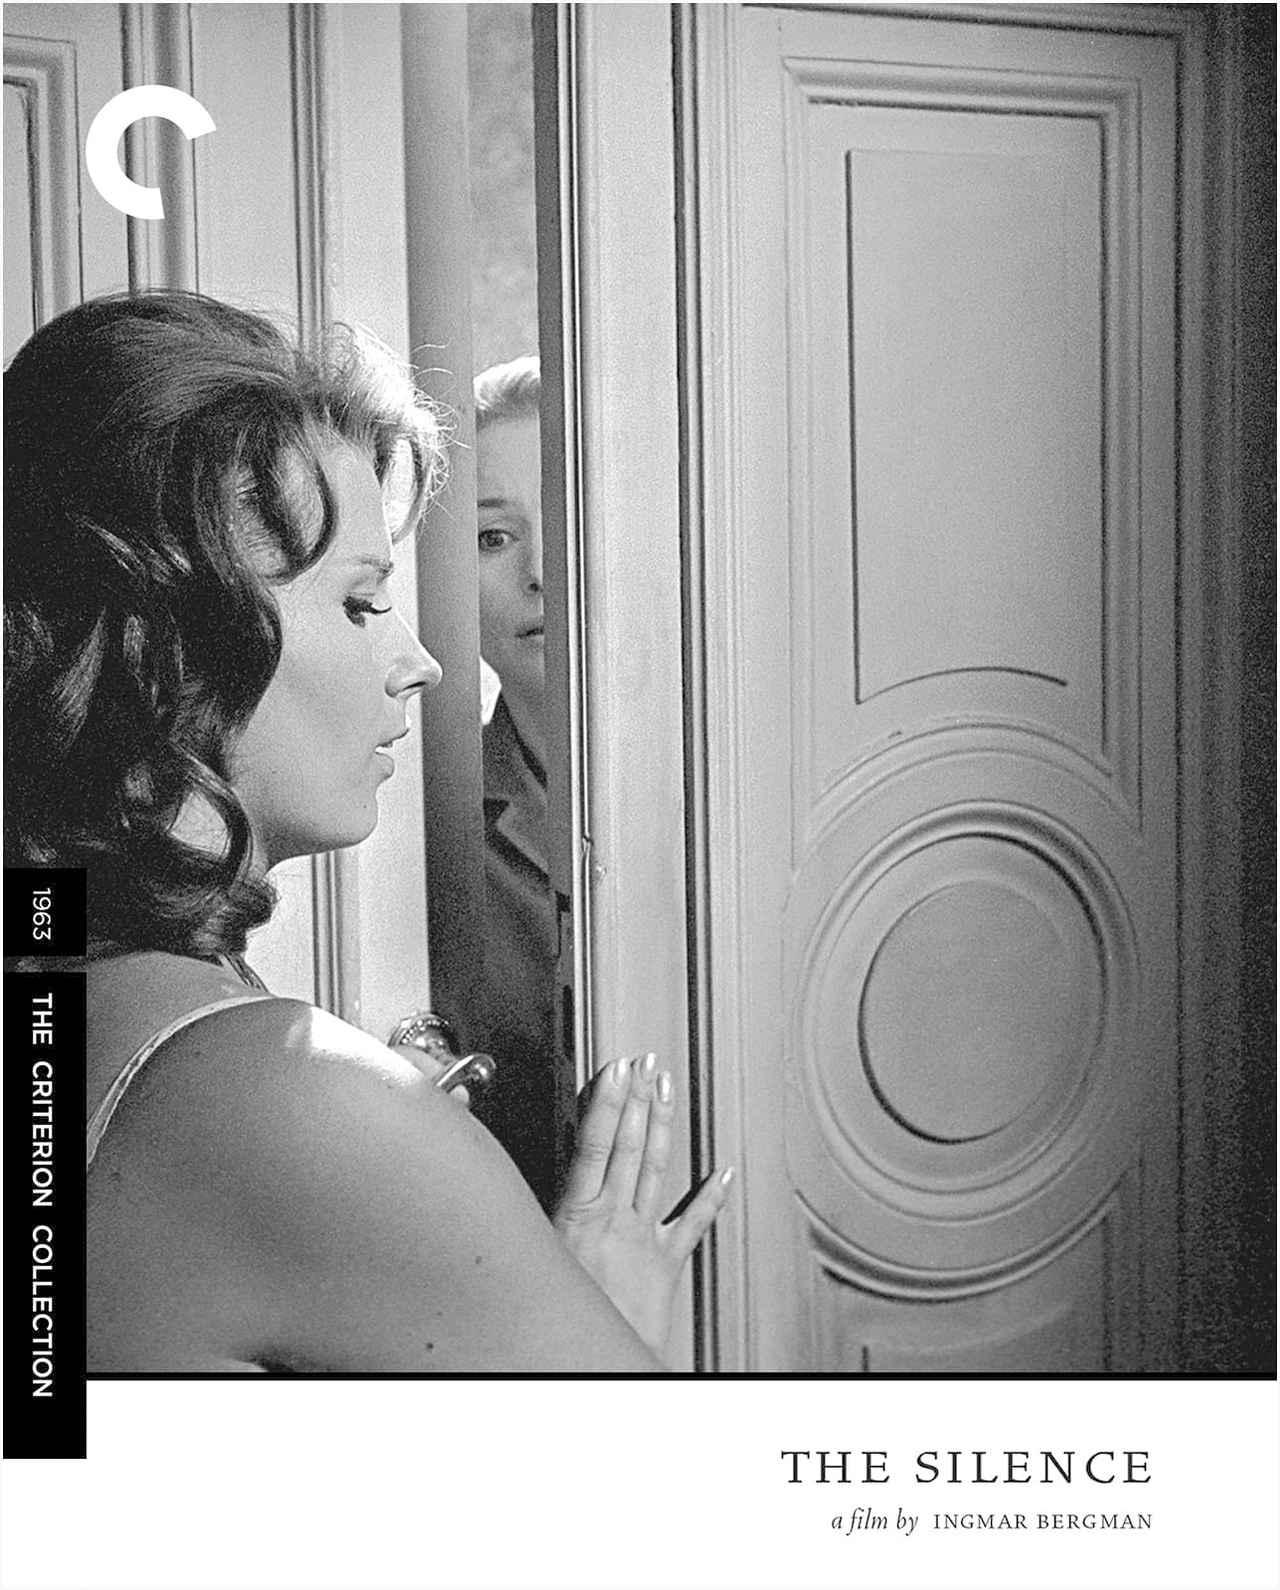 画像4: イングマール・ベルイマン監督作『鏡の中にある如く』『冬の光』『沈黙』【クライテリオンNEWリリース】